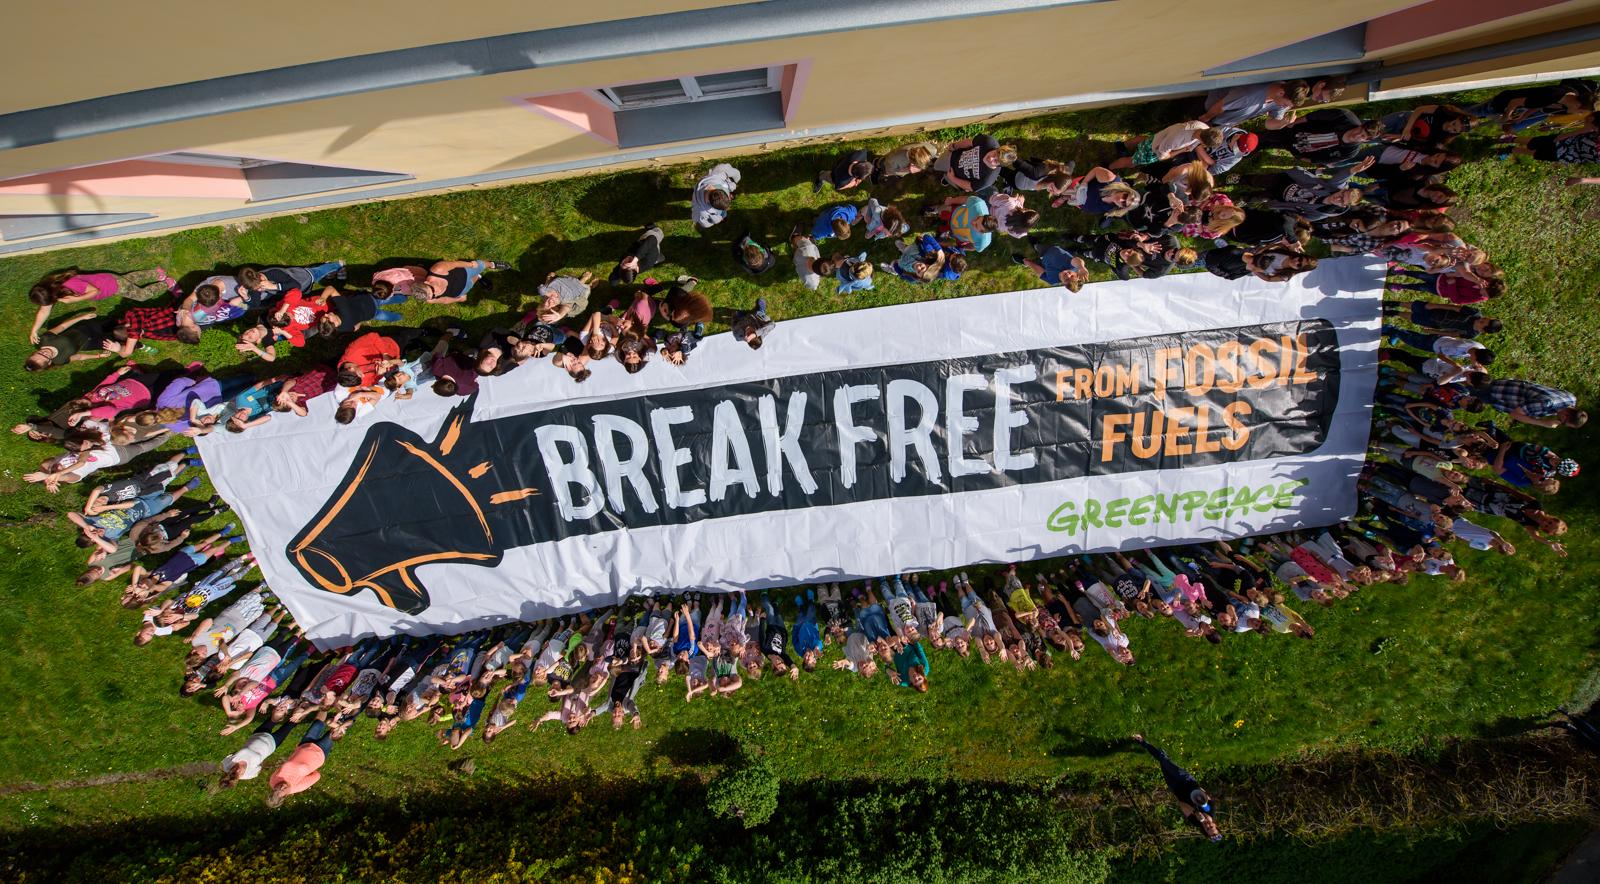 Break Free from Fossil Fuels Activity in Czech Rep © Petr Zewlakk Vrabec / Greenpeace